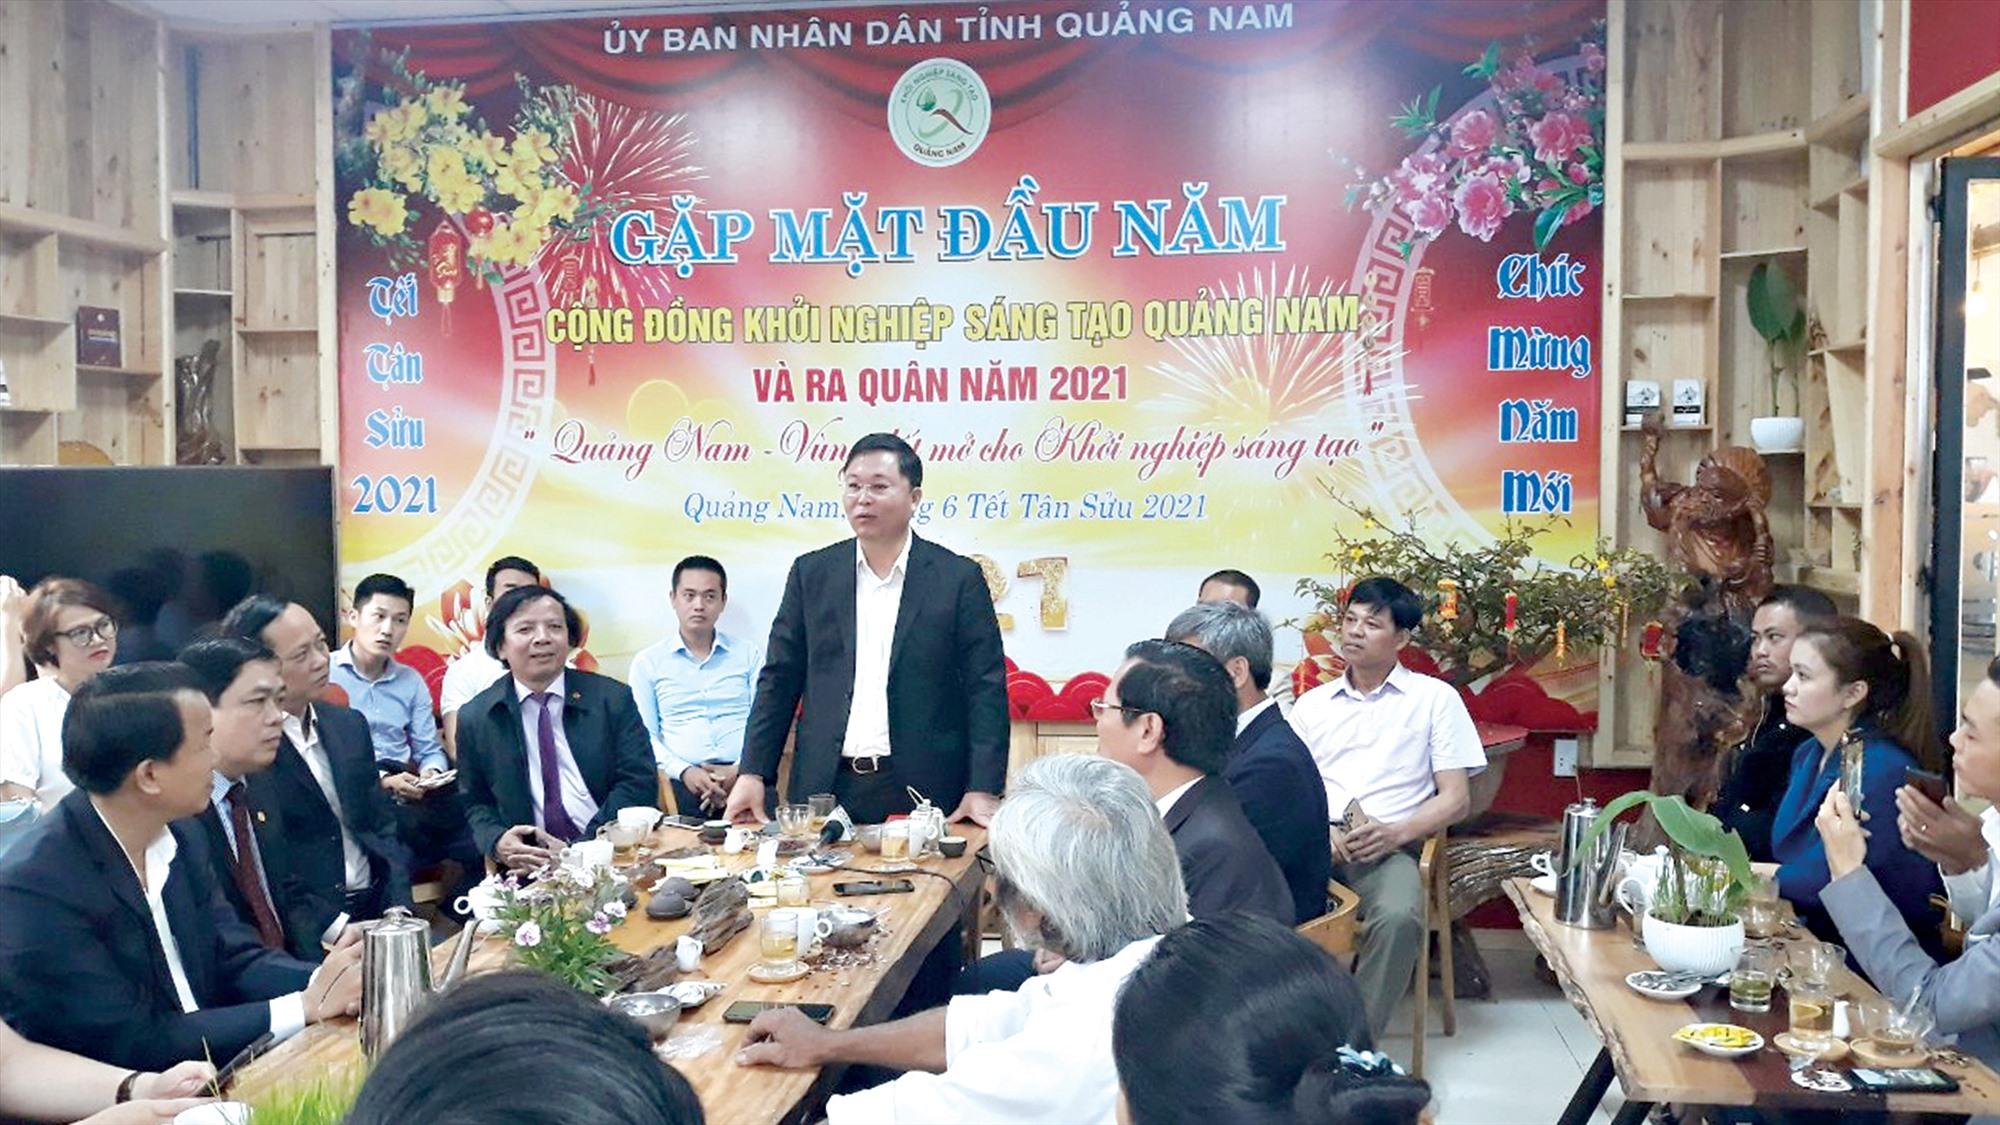 Chủ tịch UBND tỉnh Lê Trí Thanh gặp gỡ cộng đồng khởi nghiệp - sáng tạo Quảng Nam đầu Xuân Tân Sửu. Ảnh: C.N